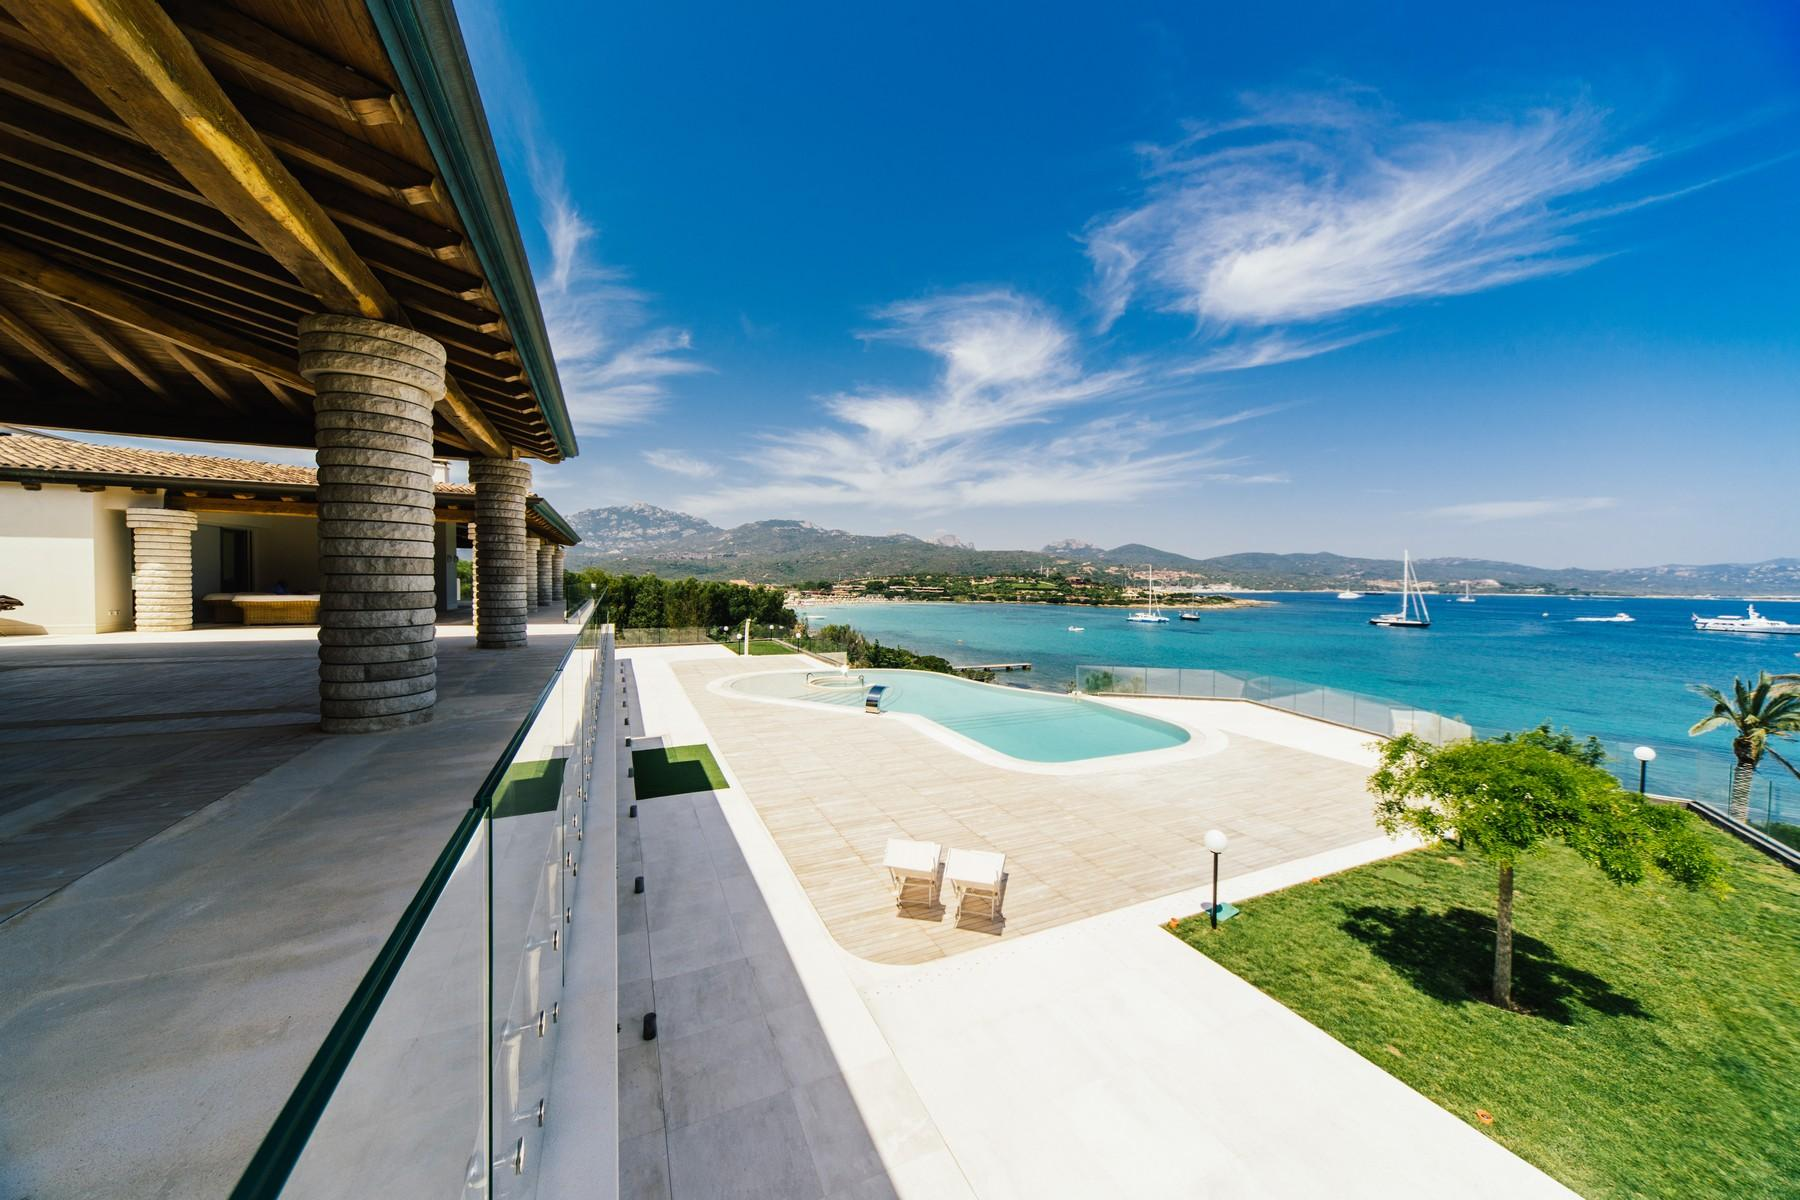 Wunderschöne Villa am Meer an der Costa Smeralda - 2